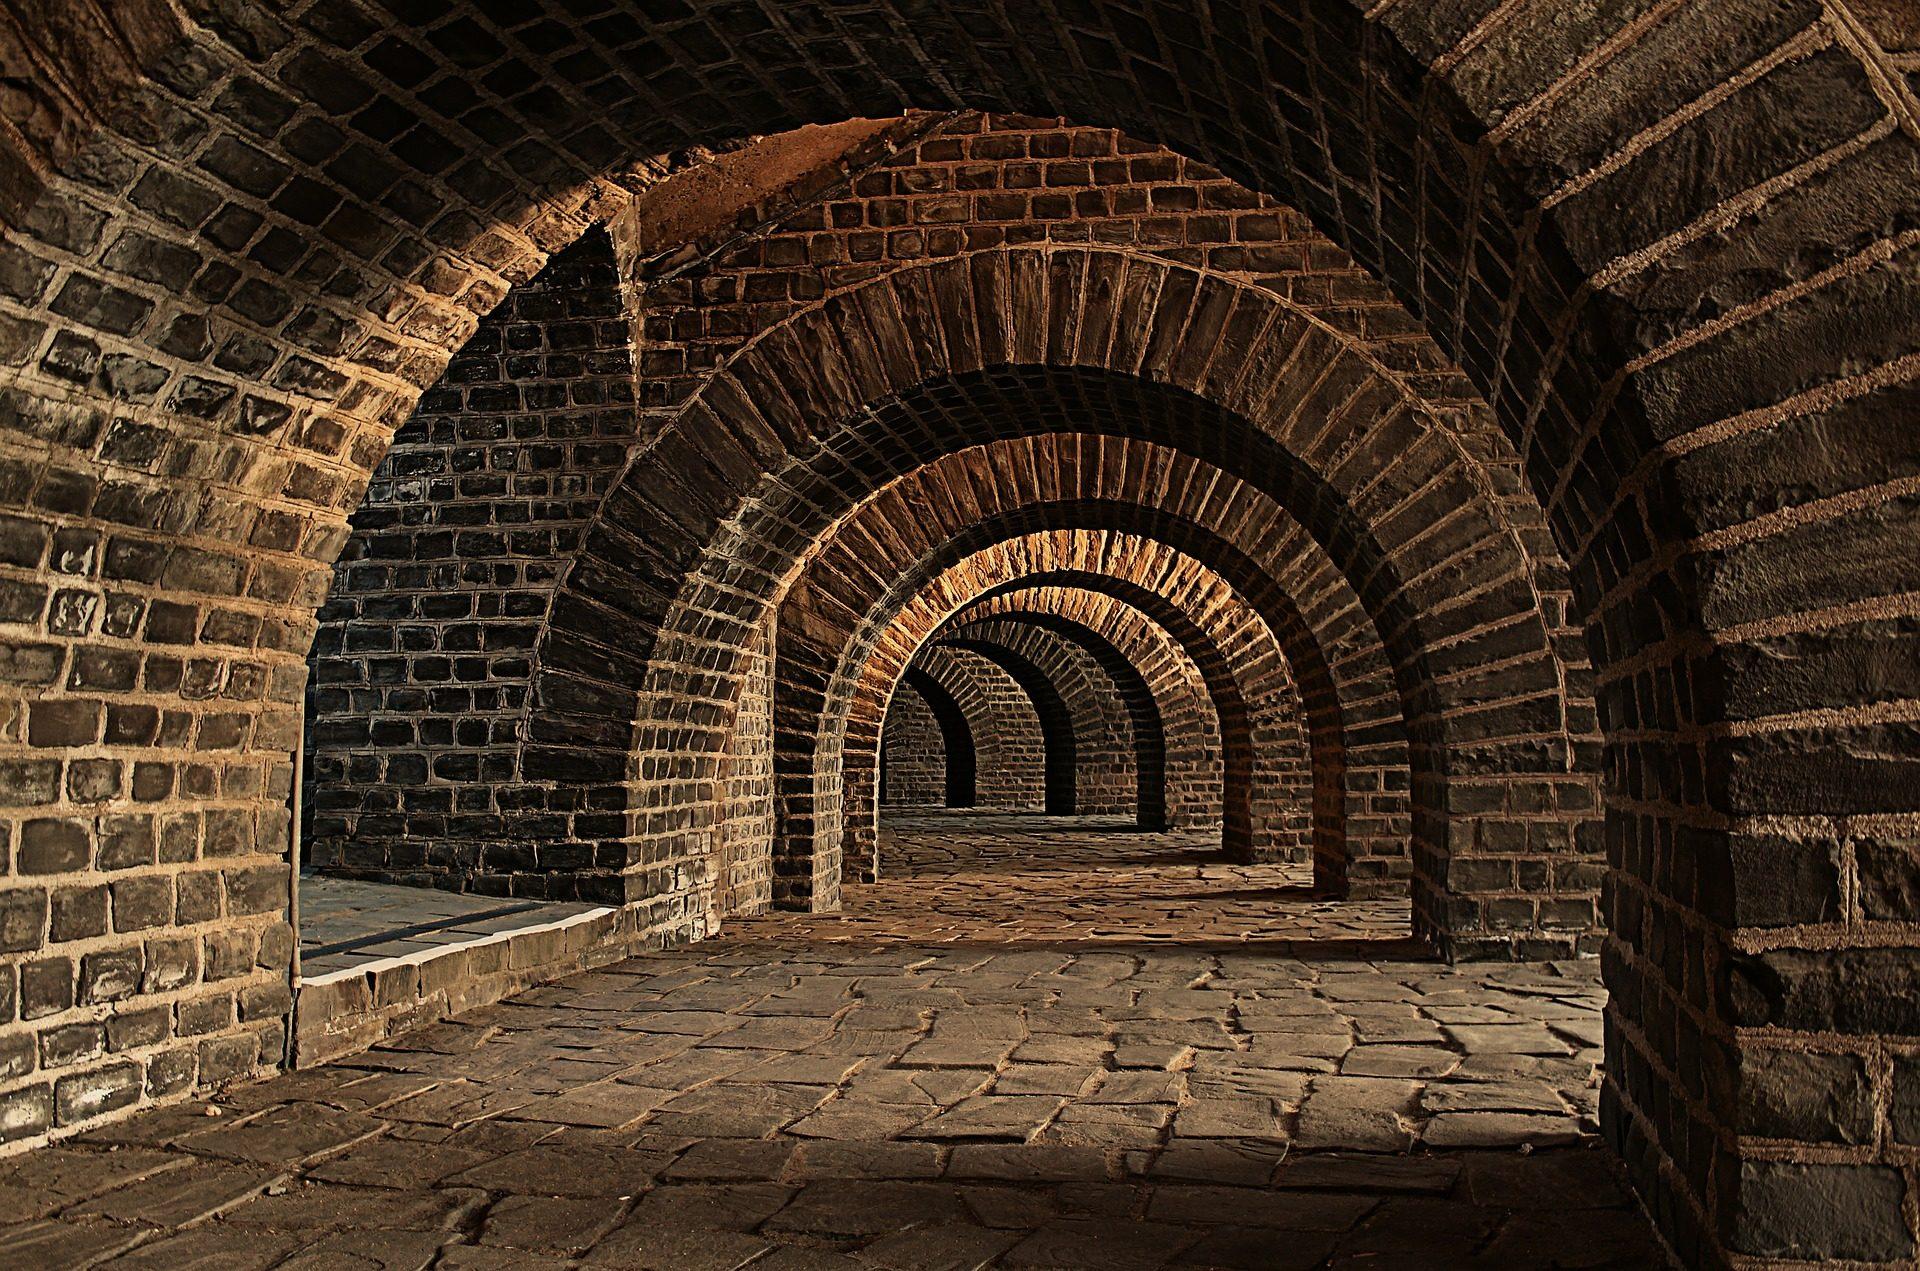 voûtes, tunnel, Arcos, briques, Keller - Fonds d'écran HD - Professor-falken.com